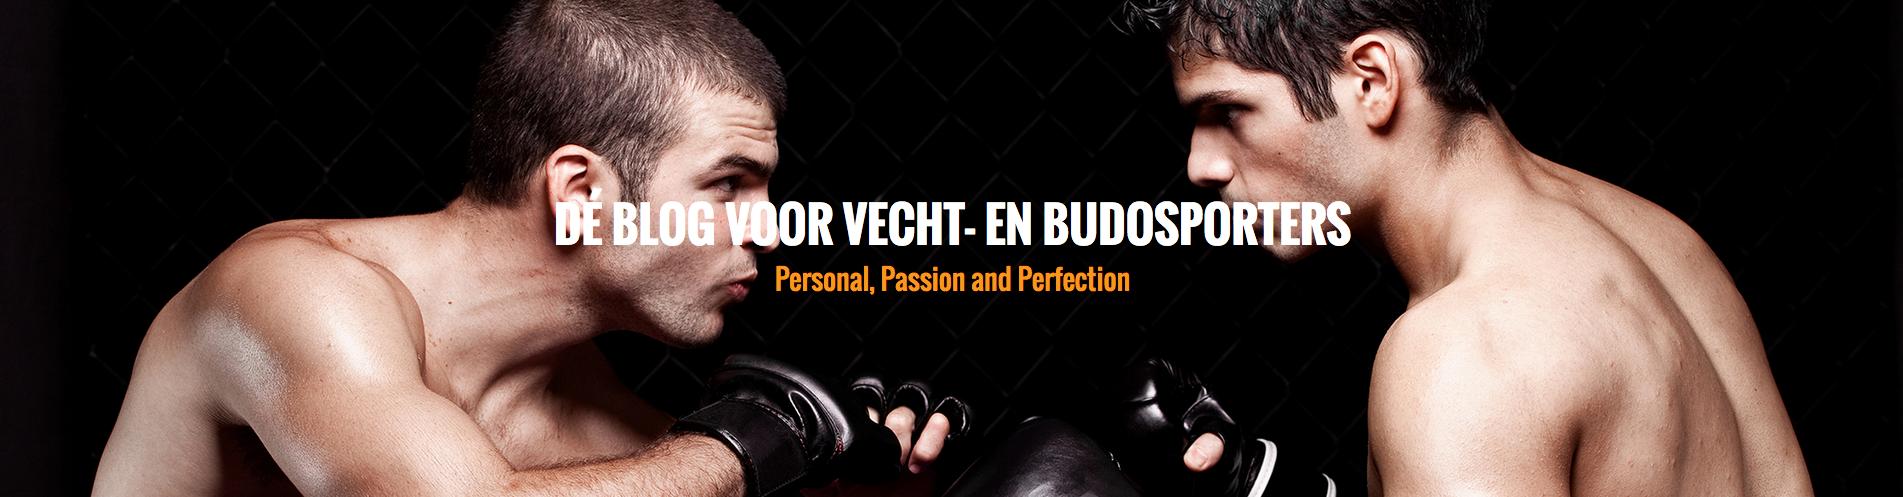 Nieuw; een blog voor vecht- en budosporters